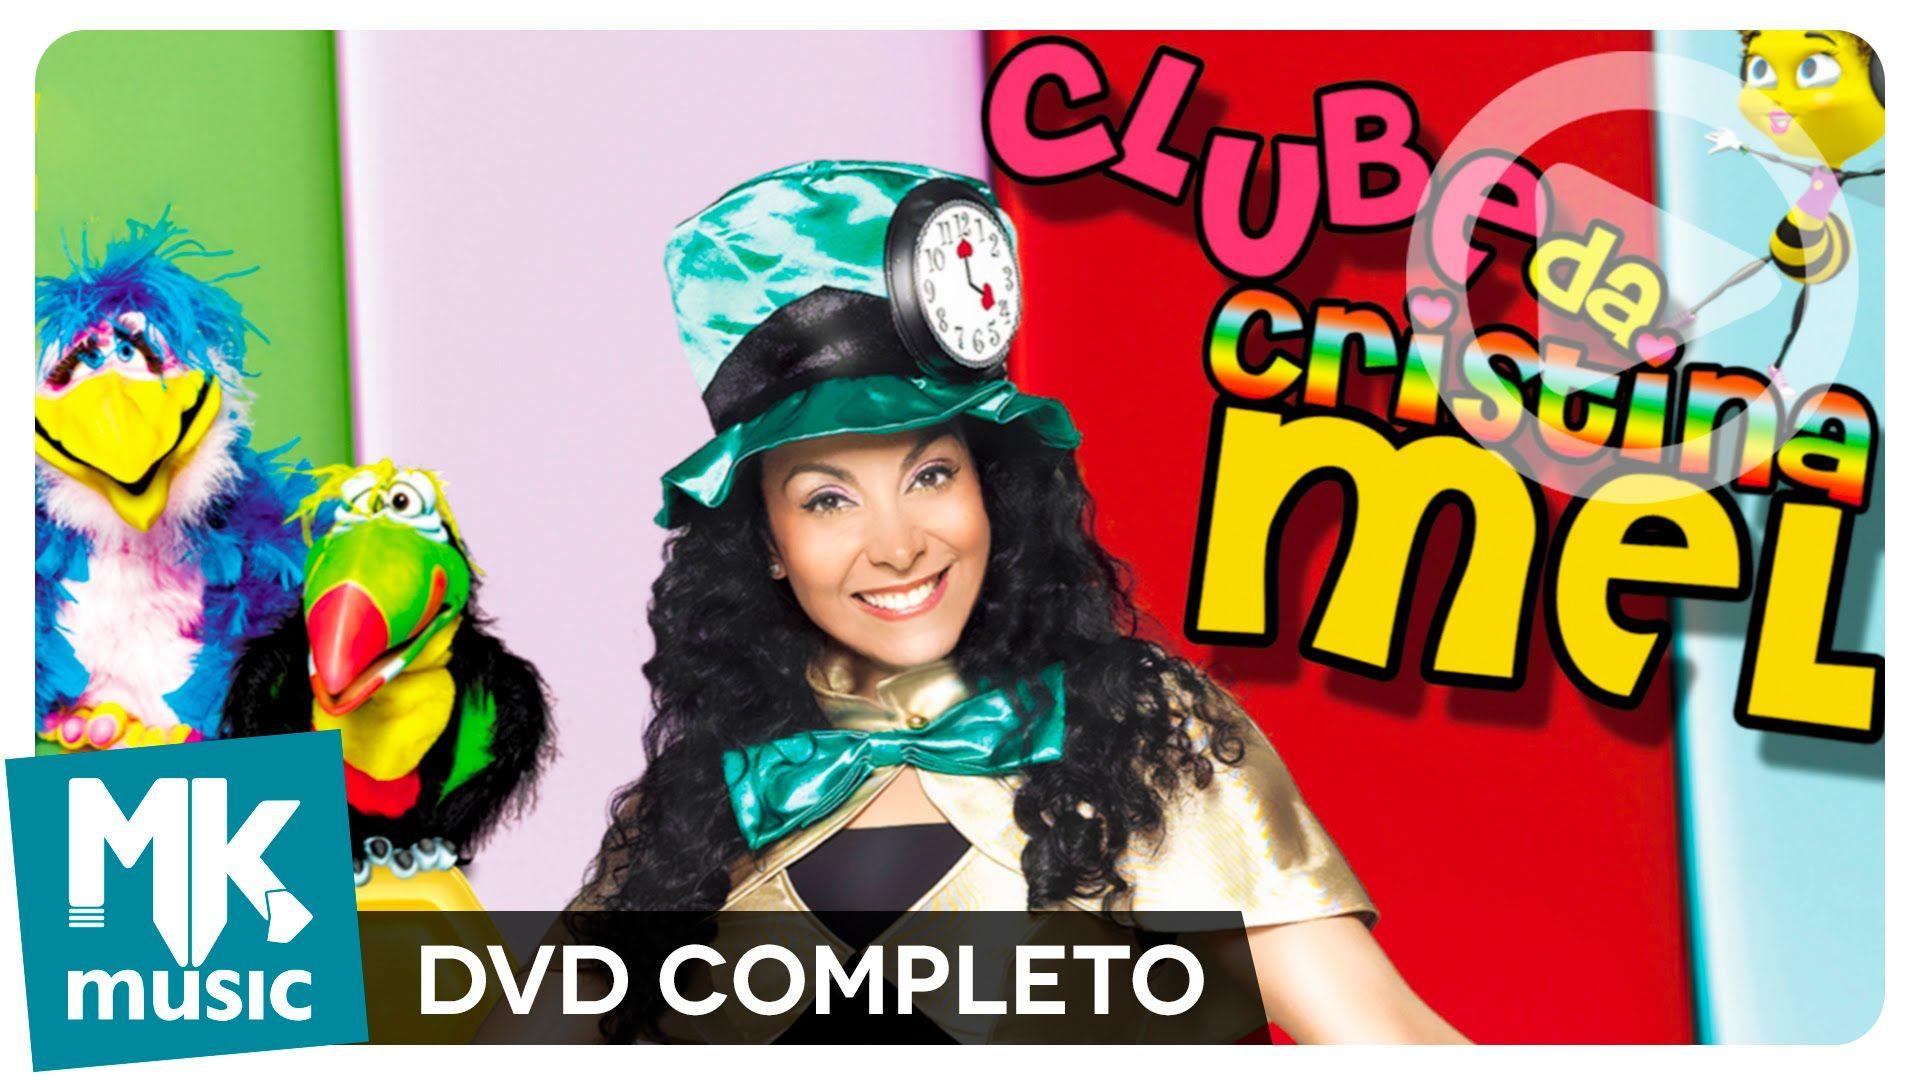 Clube Da Cristina Mel Dvd Completo Clube Voce Me Completa E